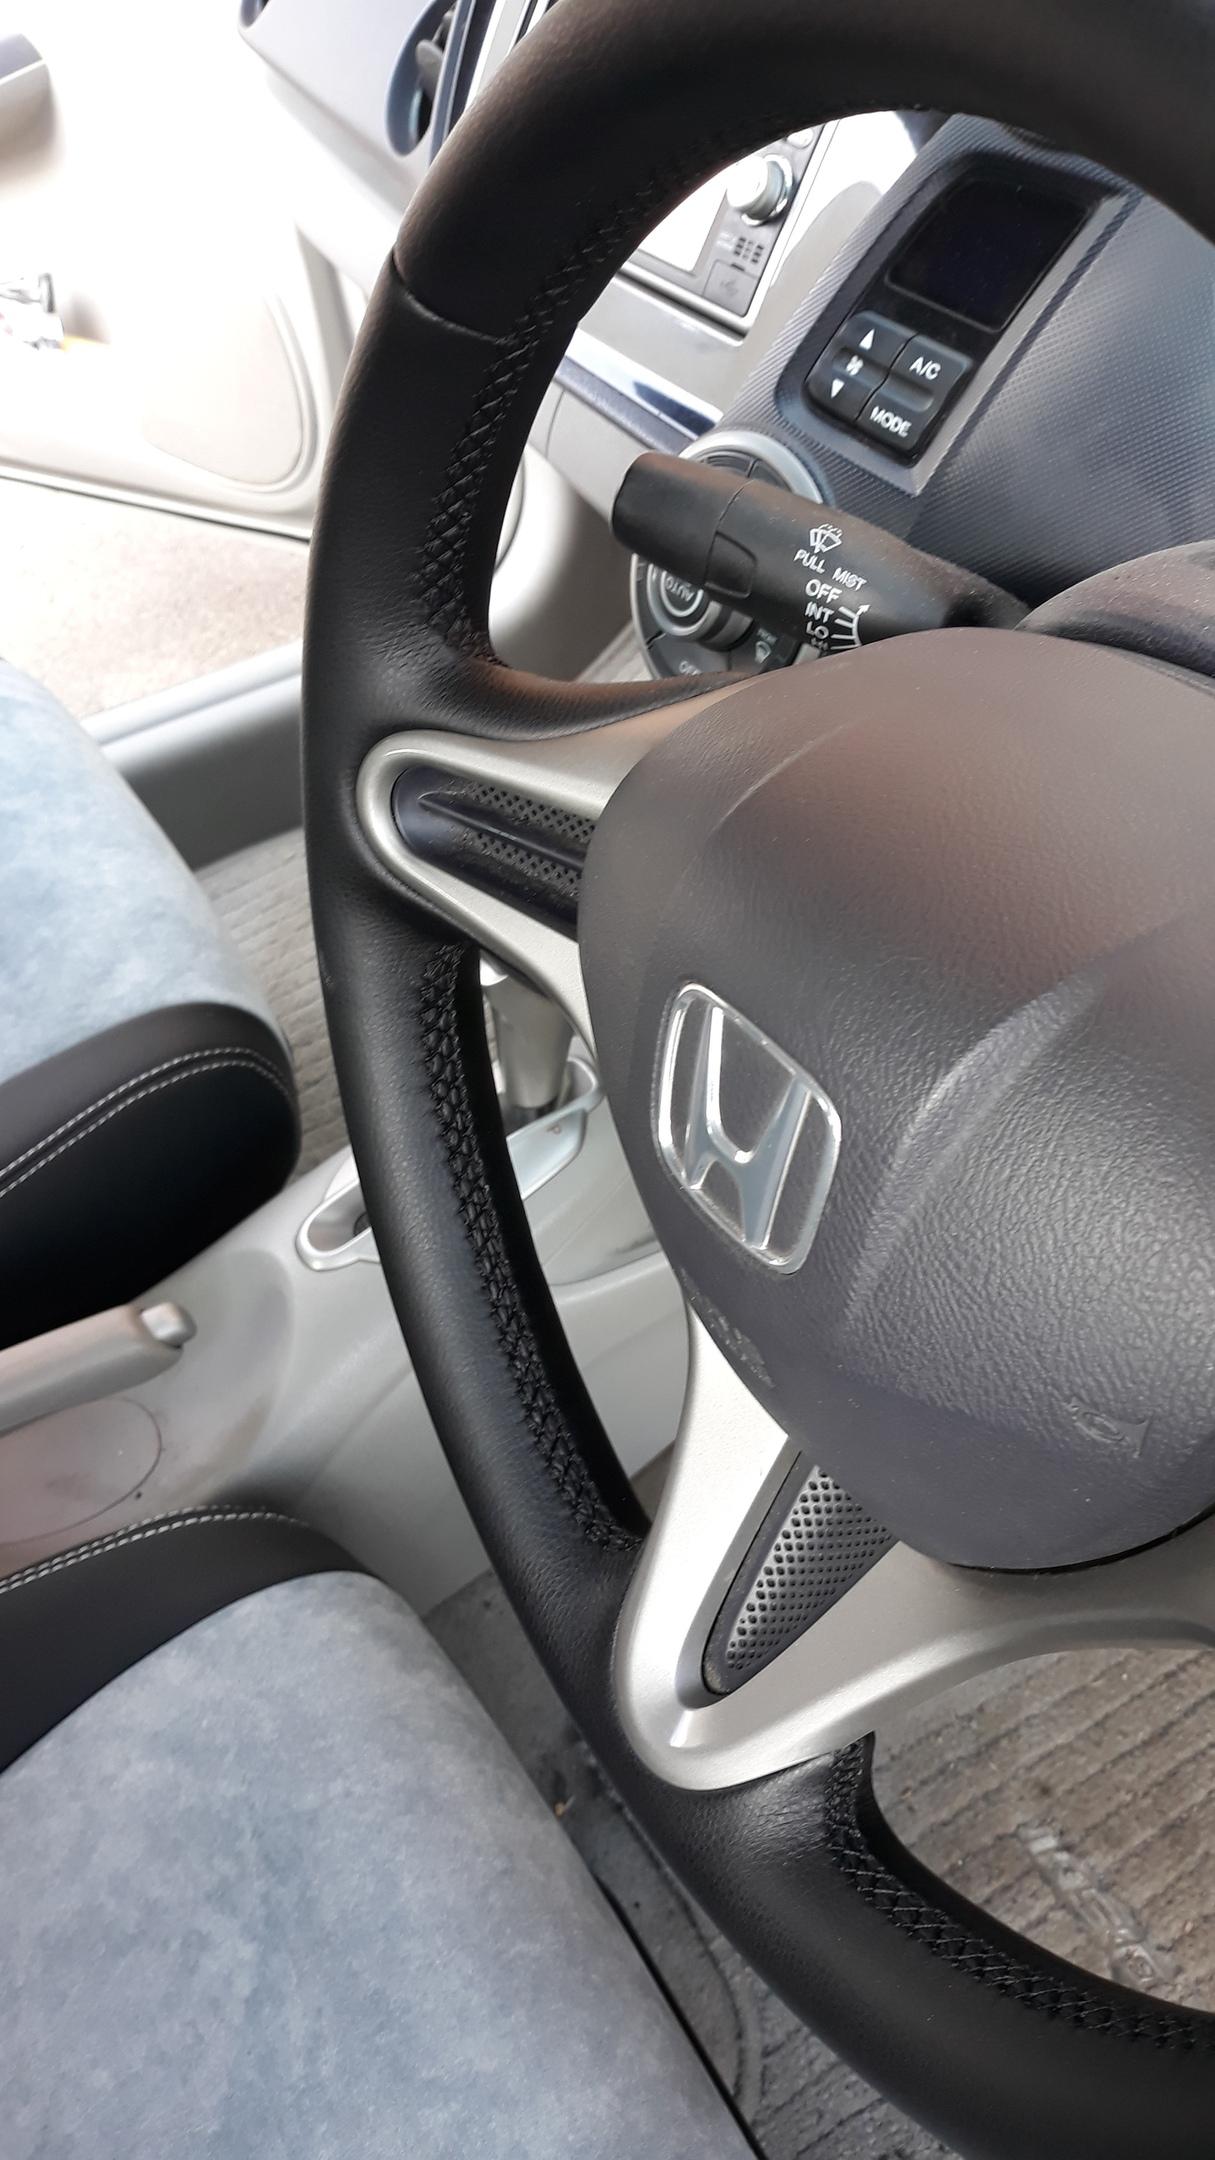 Чехлы и перетяжка руля на Honda Insight.